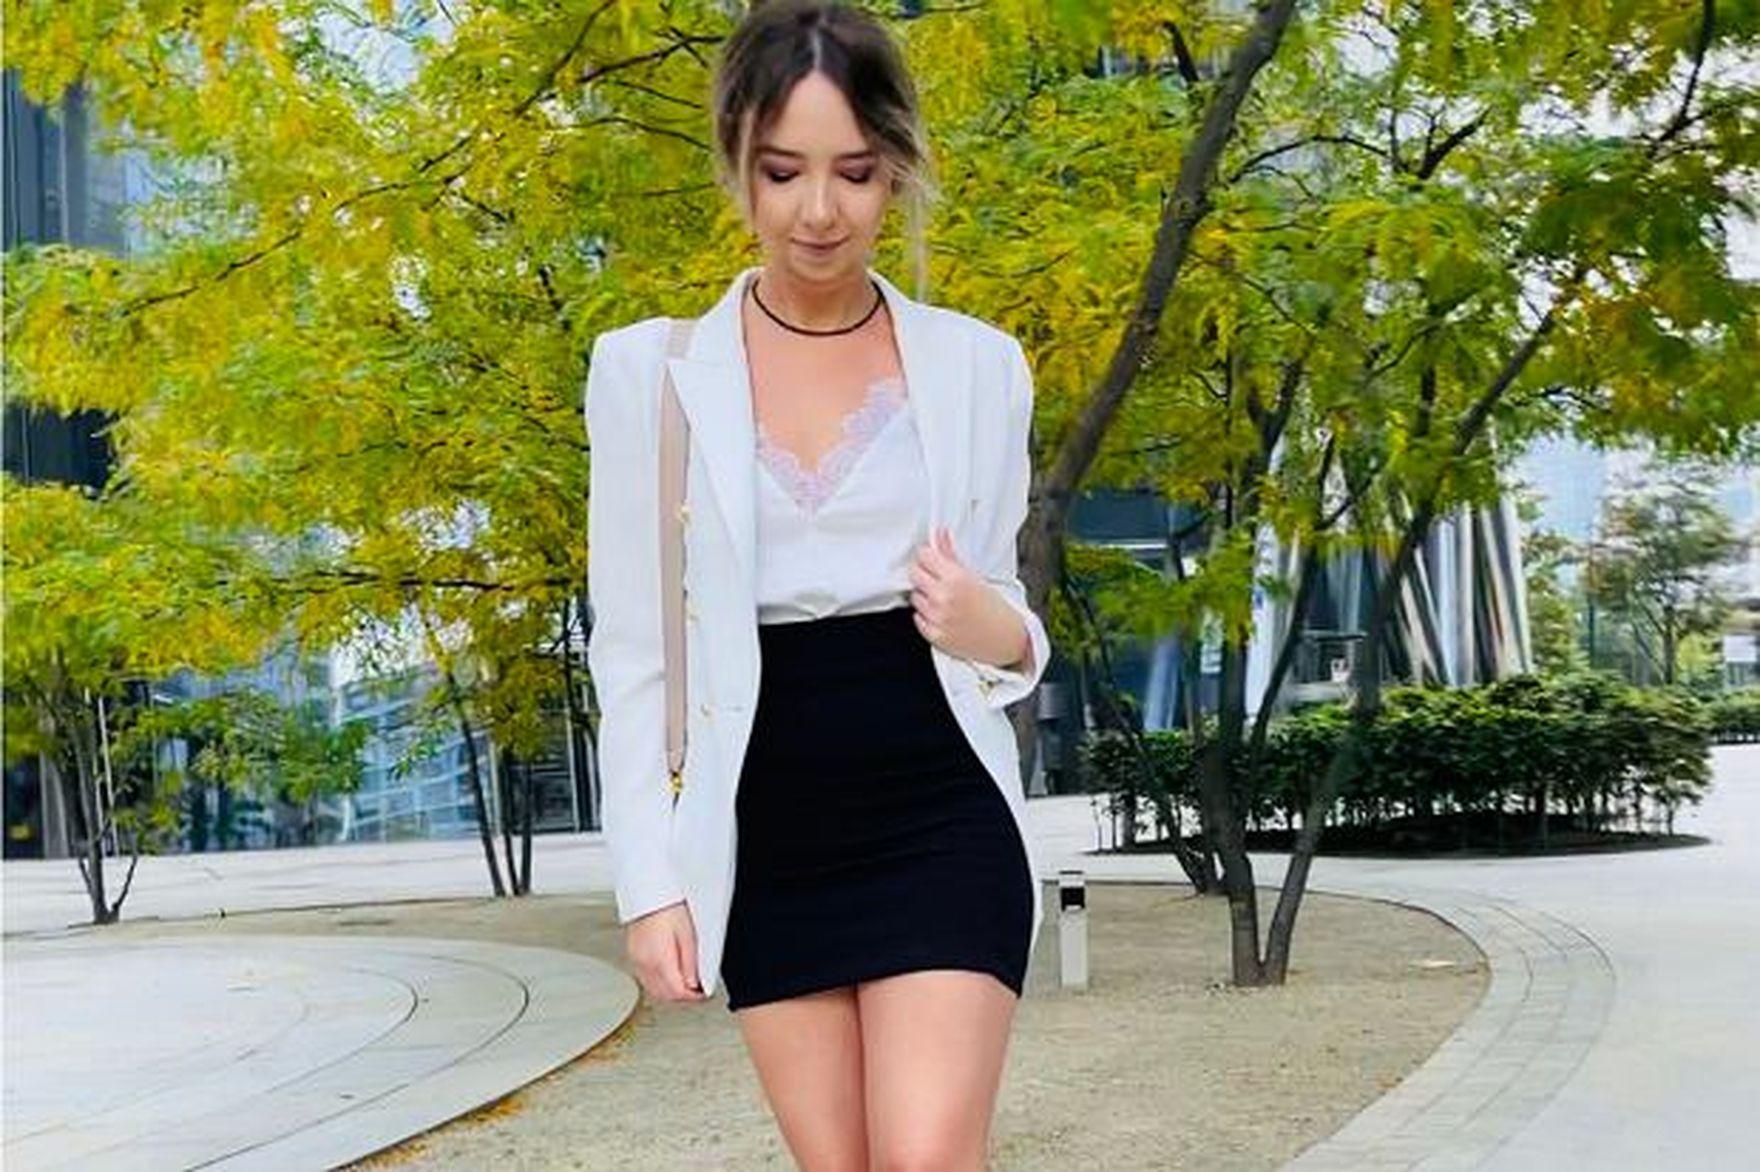 #Stylizacje Avanti24: moda galowa w dojrzałym wydaniu. Biała marynarka z biżuteryjnymi guzikami doda klasy